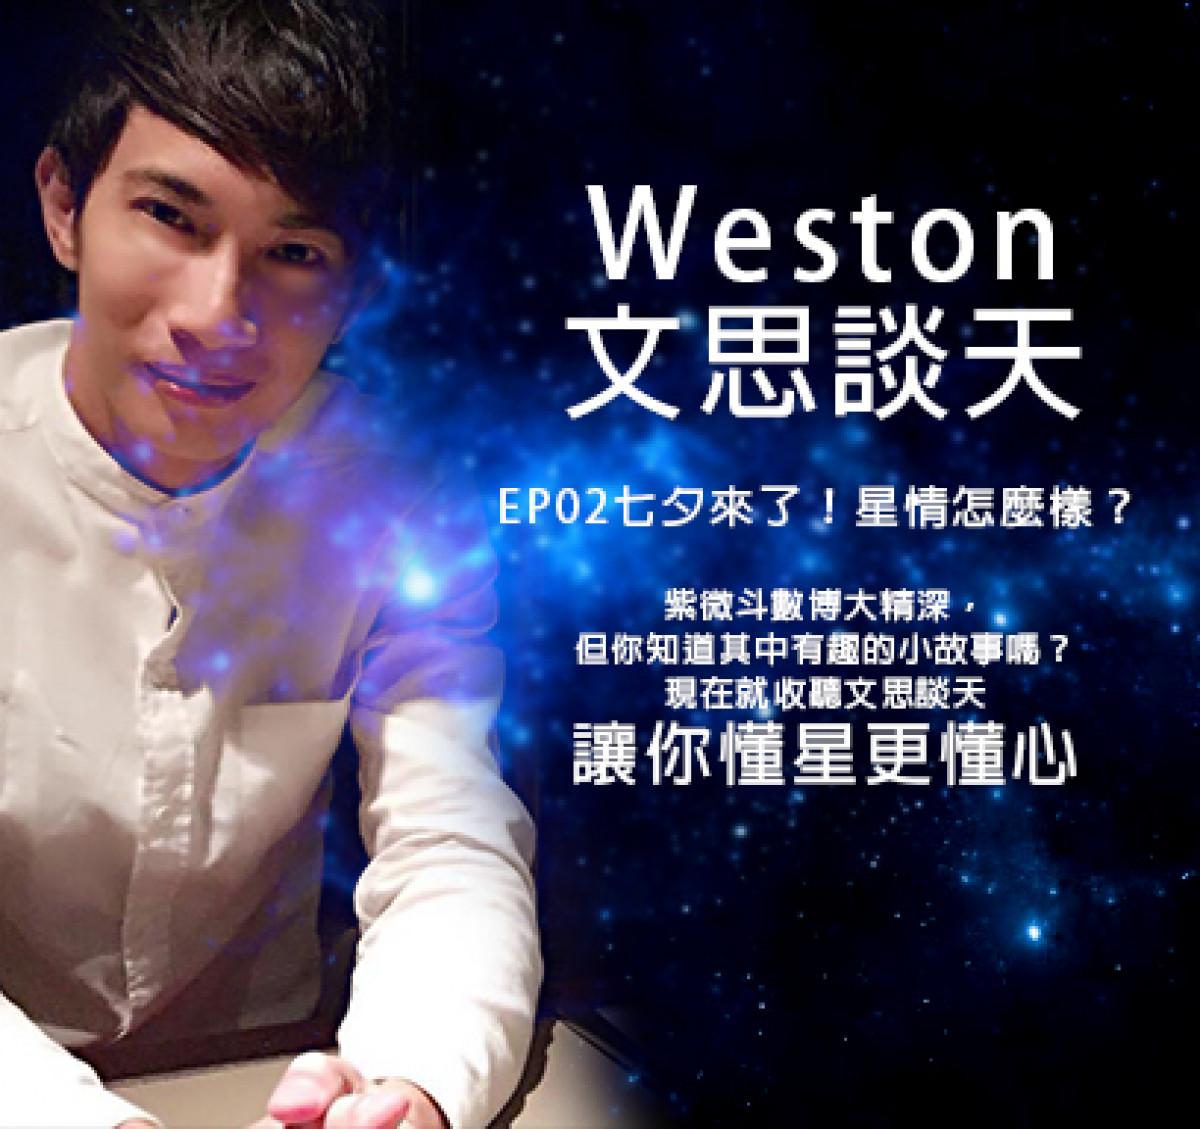 文思談天-紫微斗數EP02|七夕來了,你的星情怎麼樣呢?